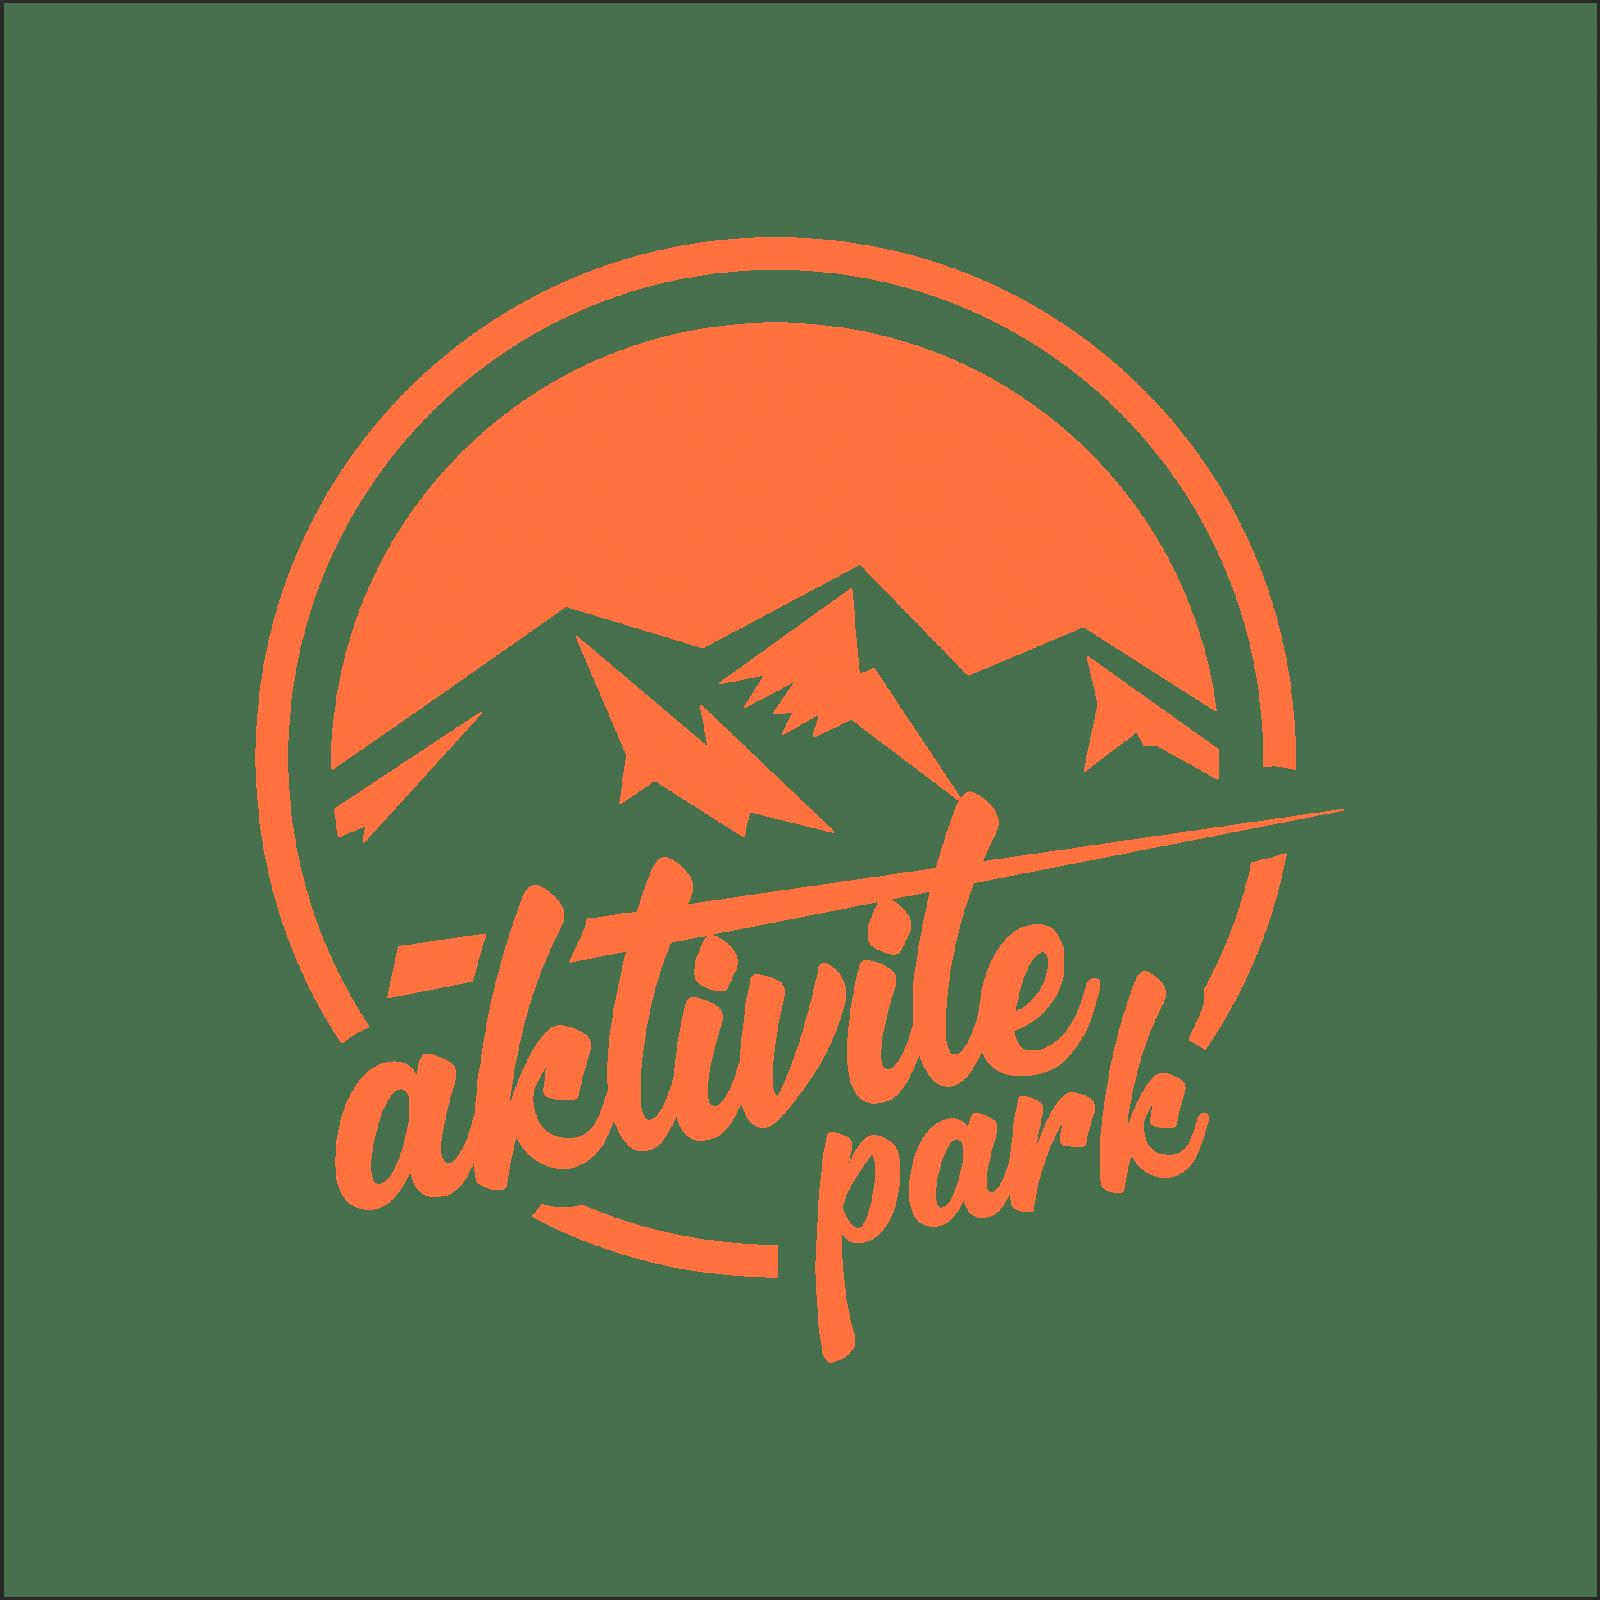 Aktivitepark